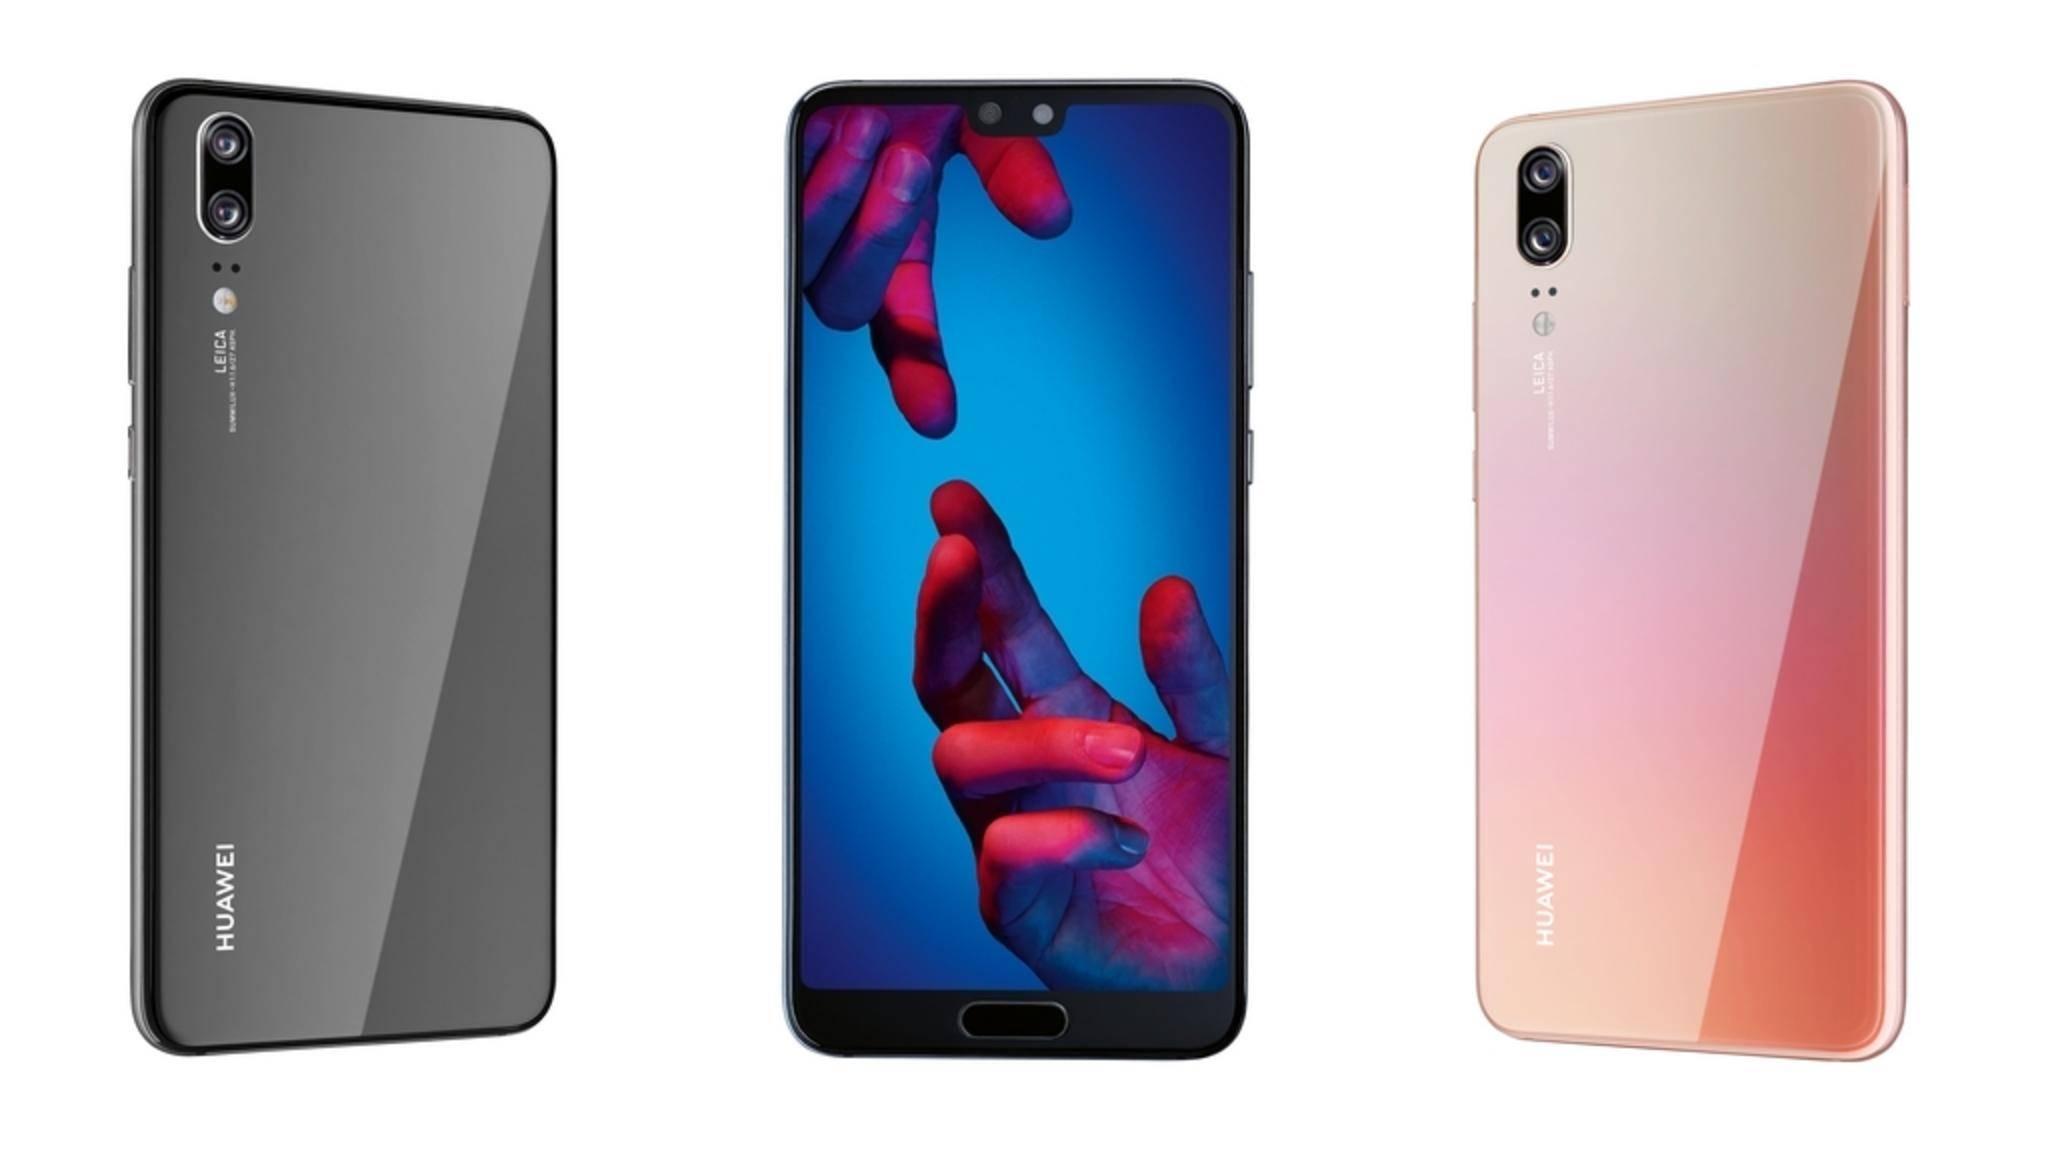 Das Huawei P20 erinnert optisch stark an das iPhone X.